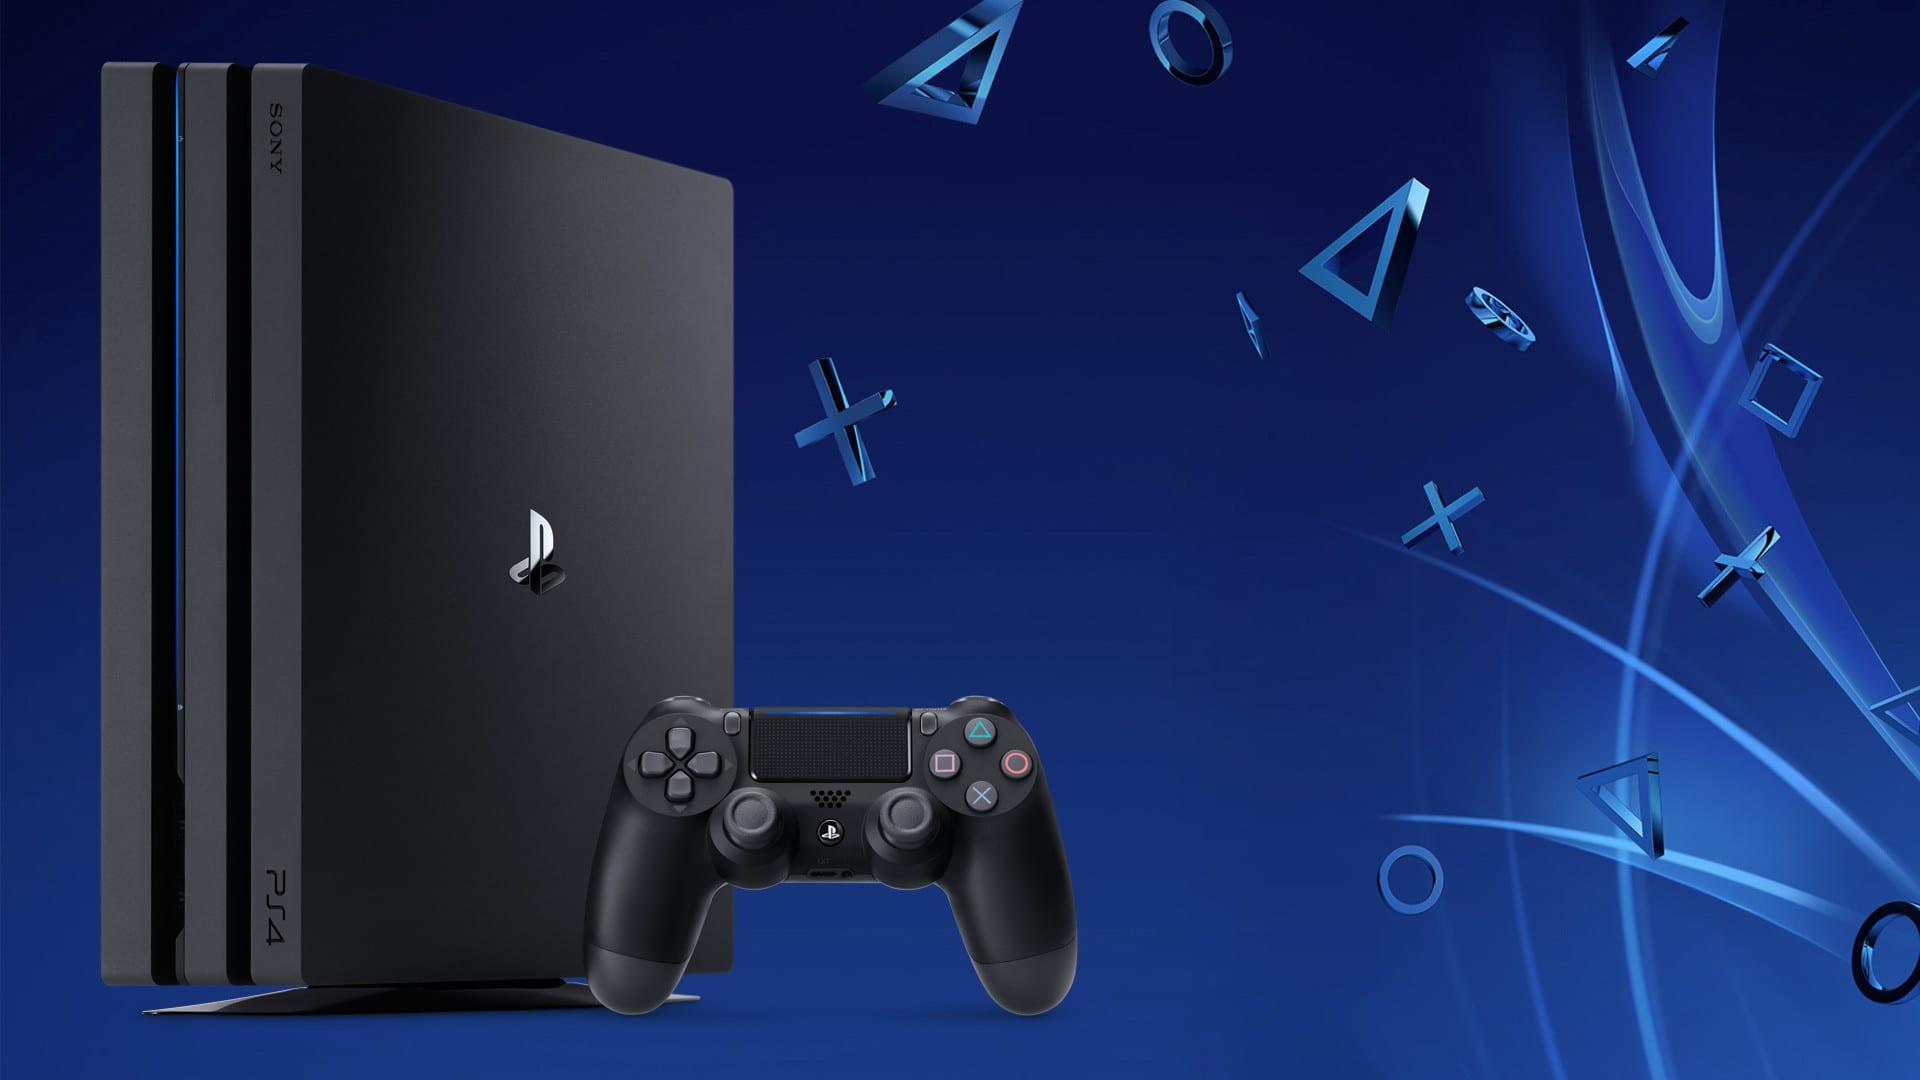 Playstation 5 in ritardo? La PS4 continuerà ad essere importante fino al 2023, parola di Sony